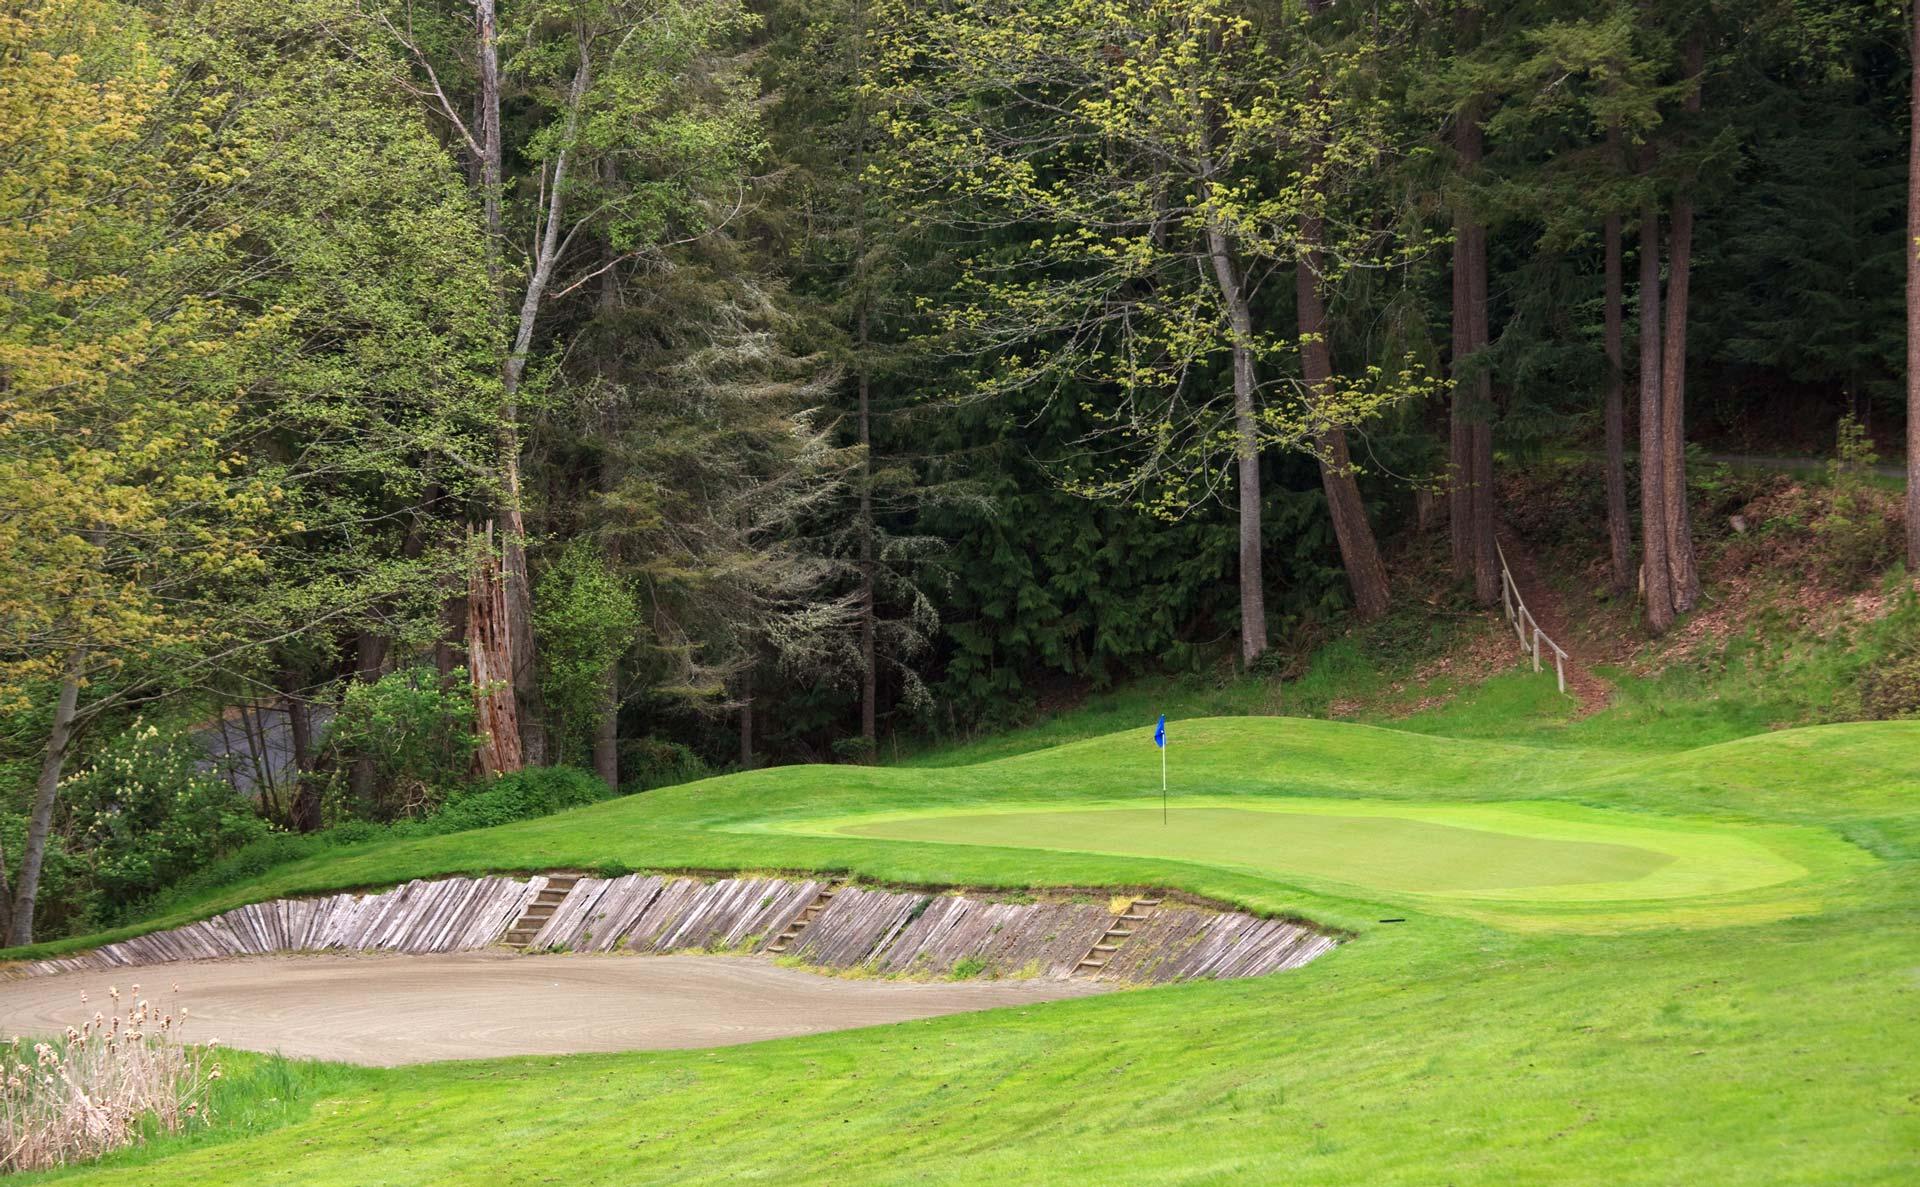 Morningstar Golf Course - Hole 12